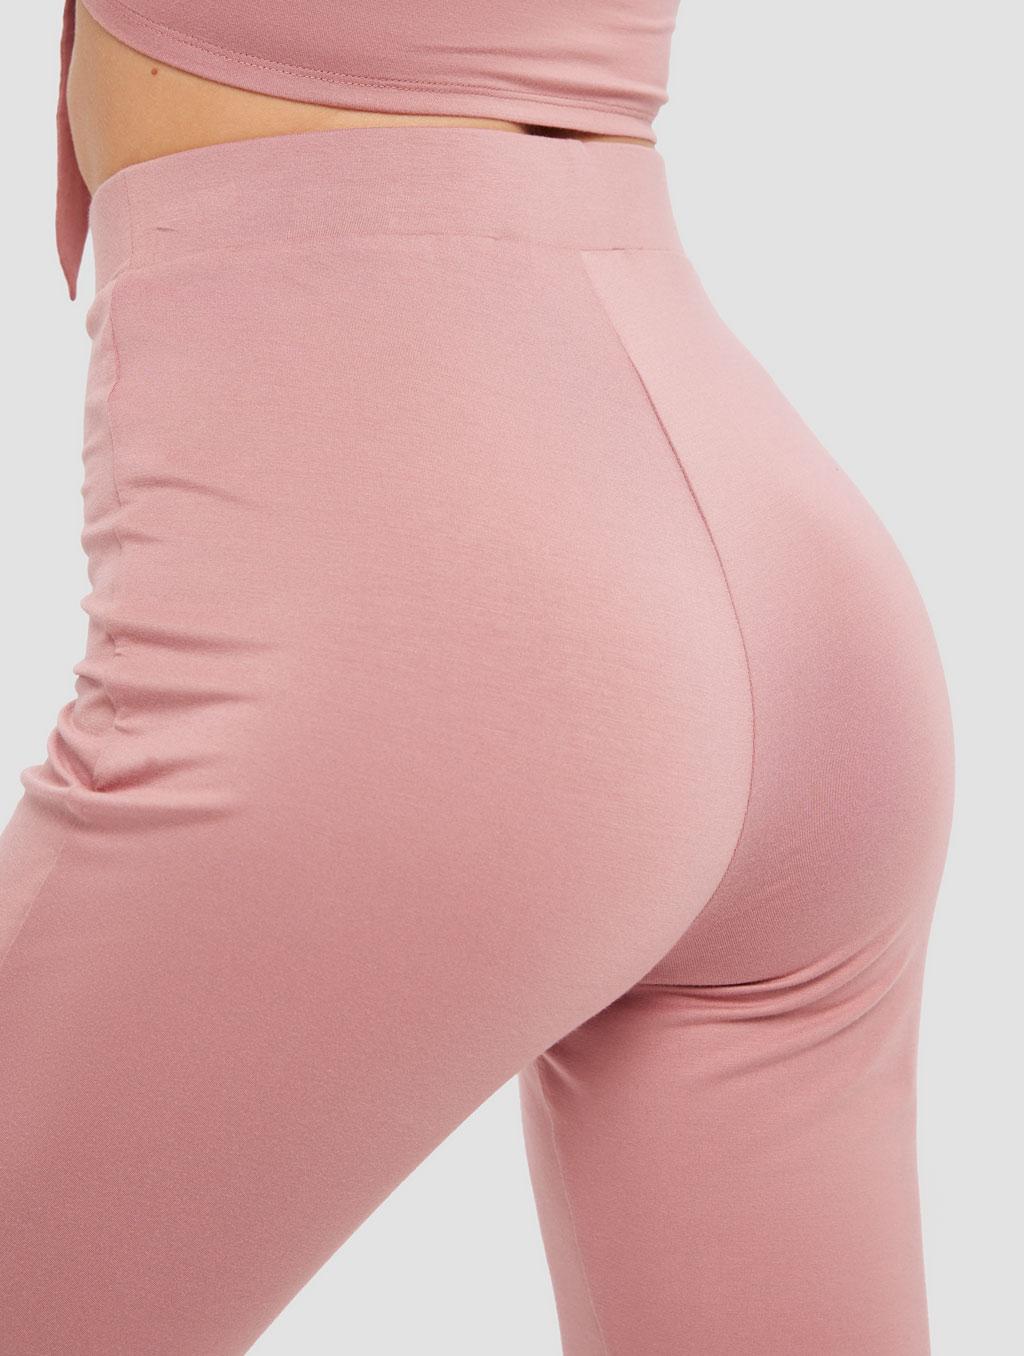 Slit Knit Pants - detail -pink